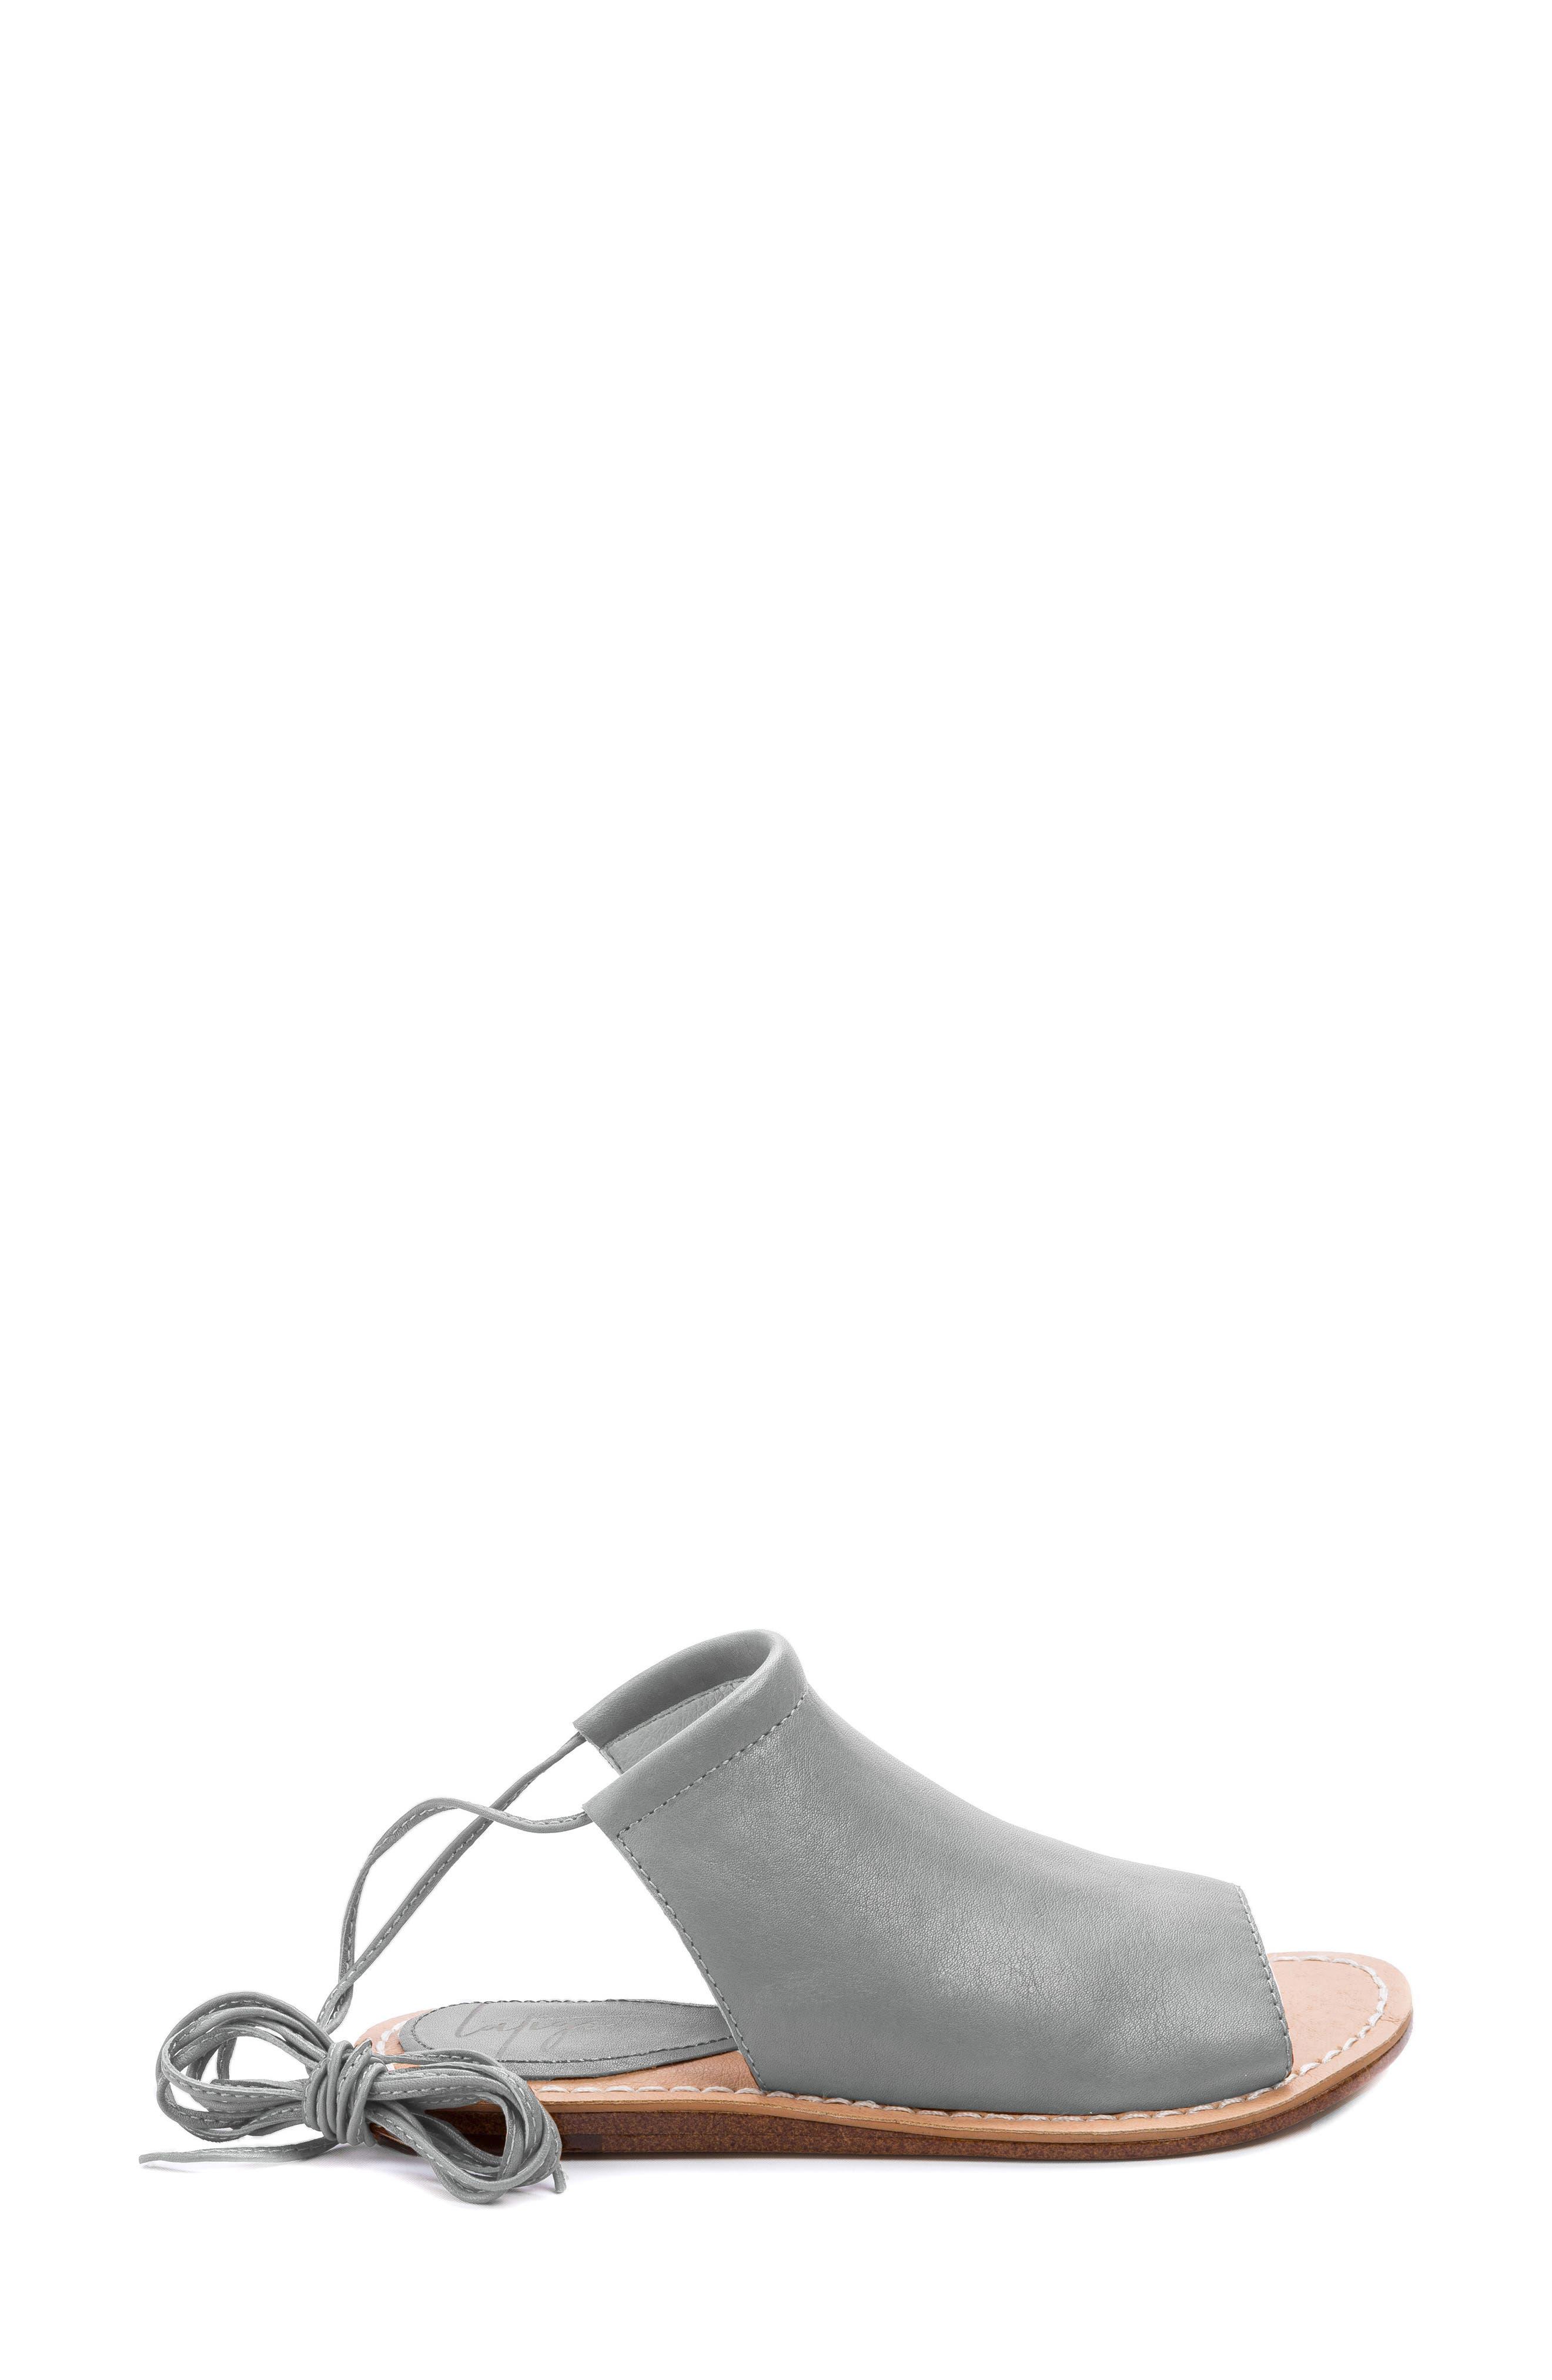 Vin Sandal,                             Alternate thumbnail 3, color,                             Mist Grey